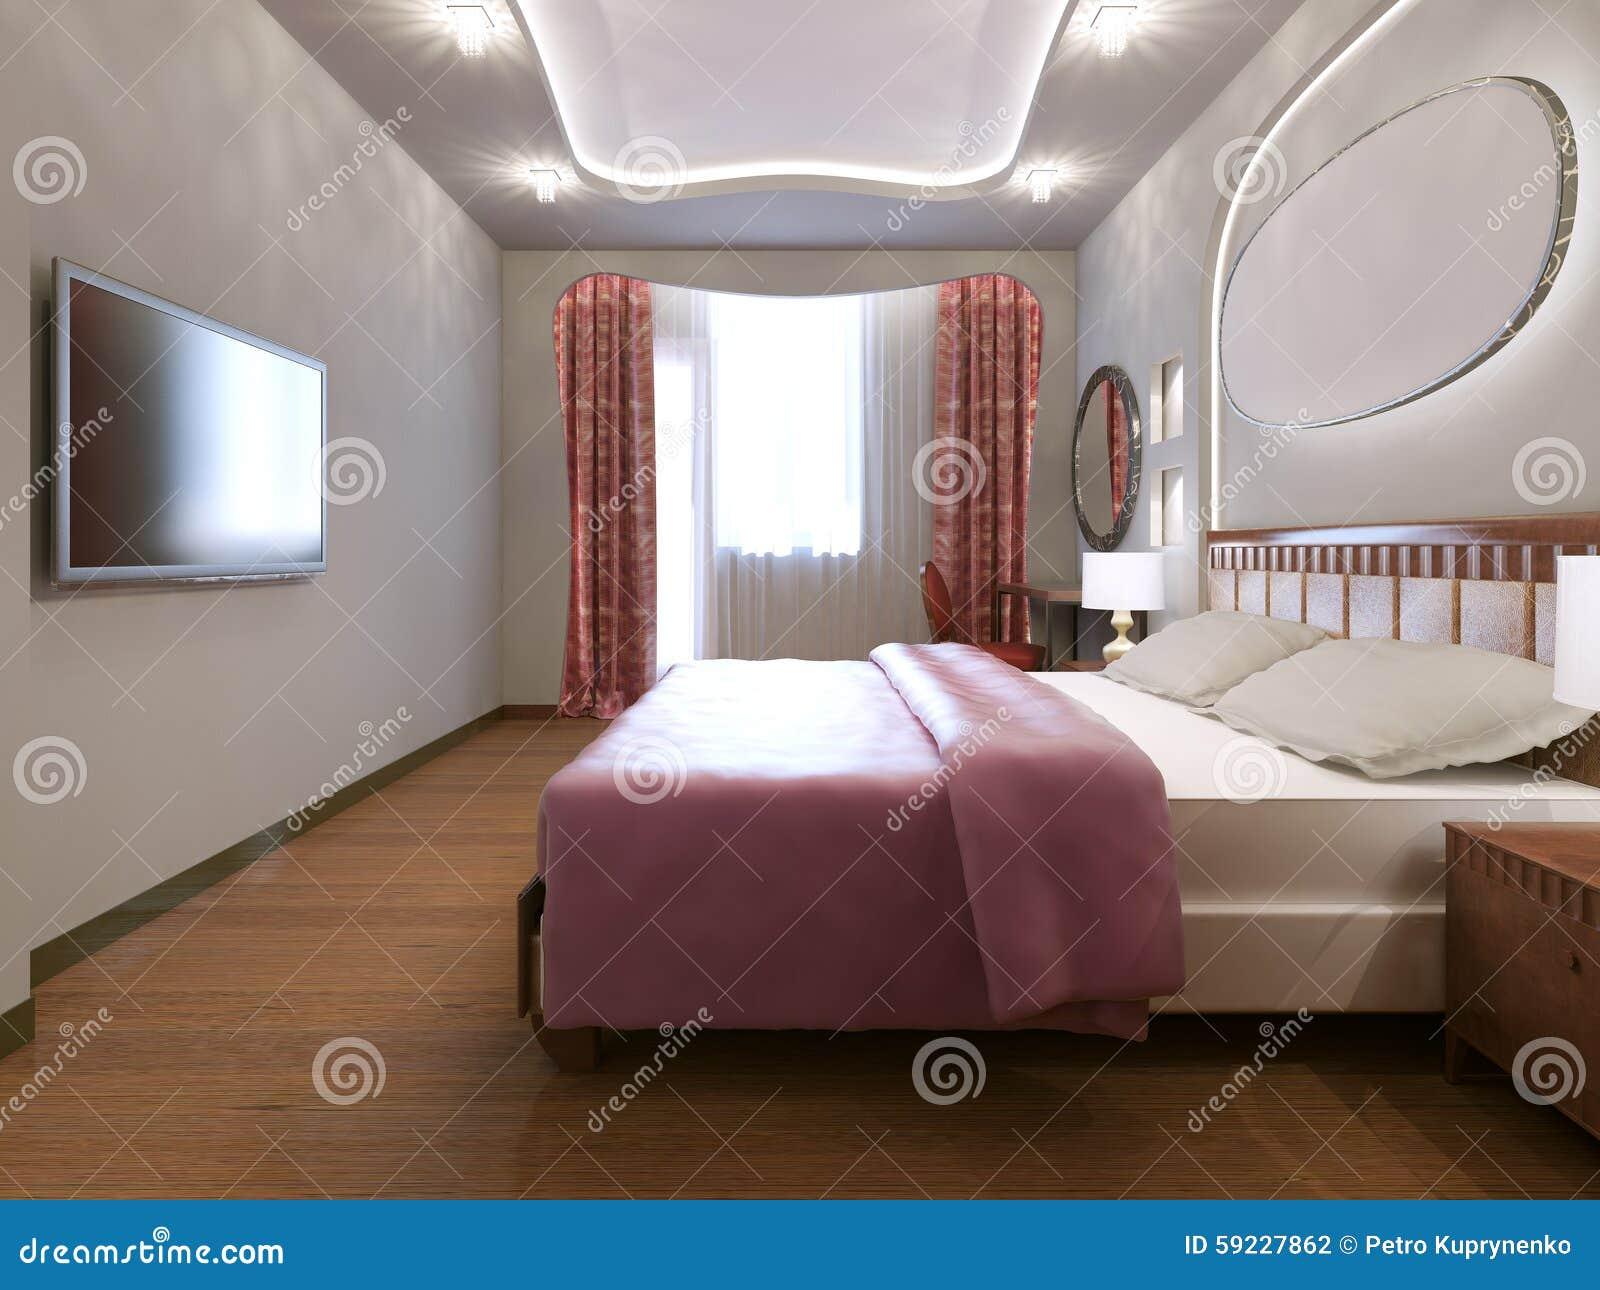 Download Idea Del Dormitorio Principal Ecléctico Stock de ilustración - Ilustración de diseño, fabuloso: 59227862